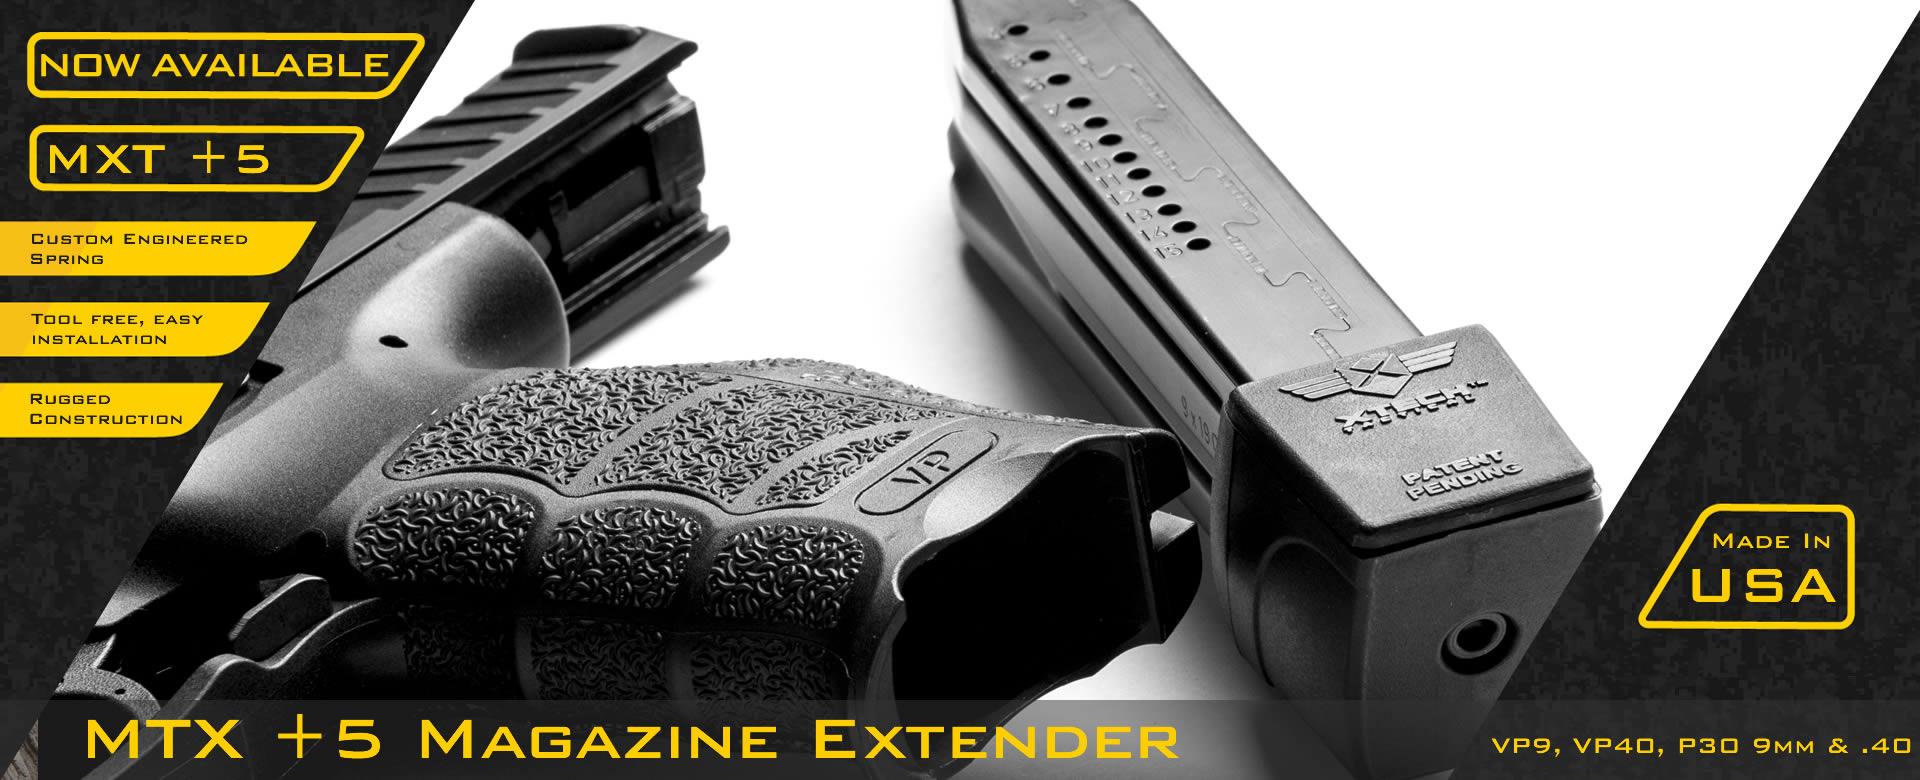 mxt5-mag-extender-slide-2-1